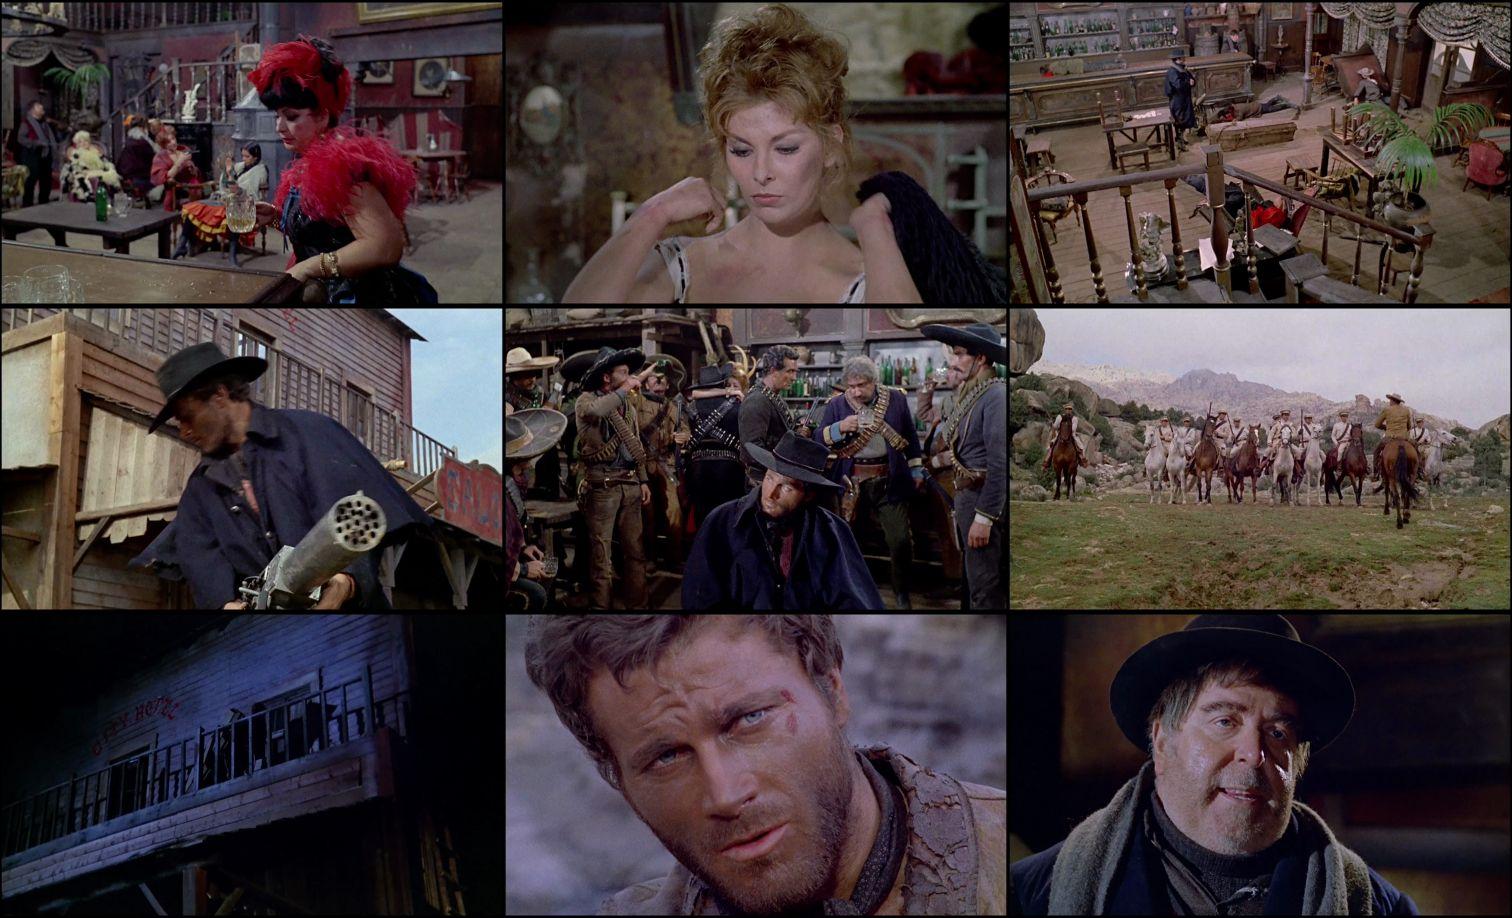 悠悠MP4_MP4电影下载_姜戈/迪亚戈 Django.1966.1080p.BluRay.x264-LCHD 6.56GB